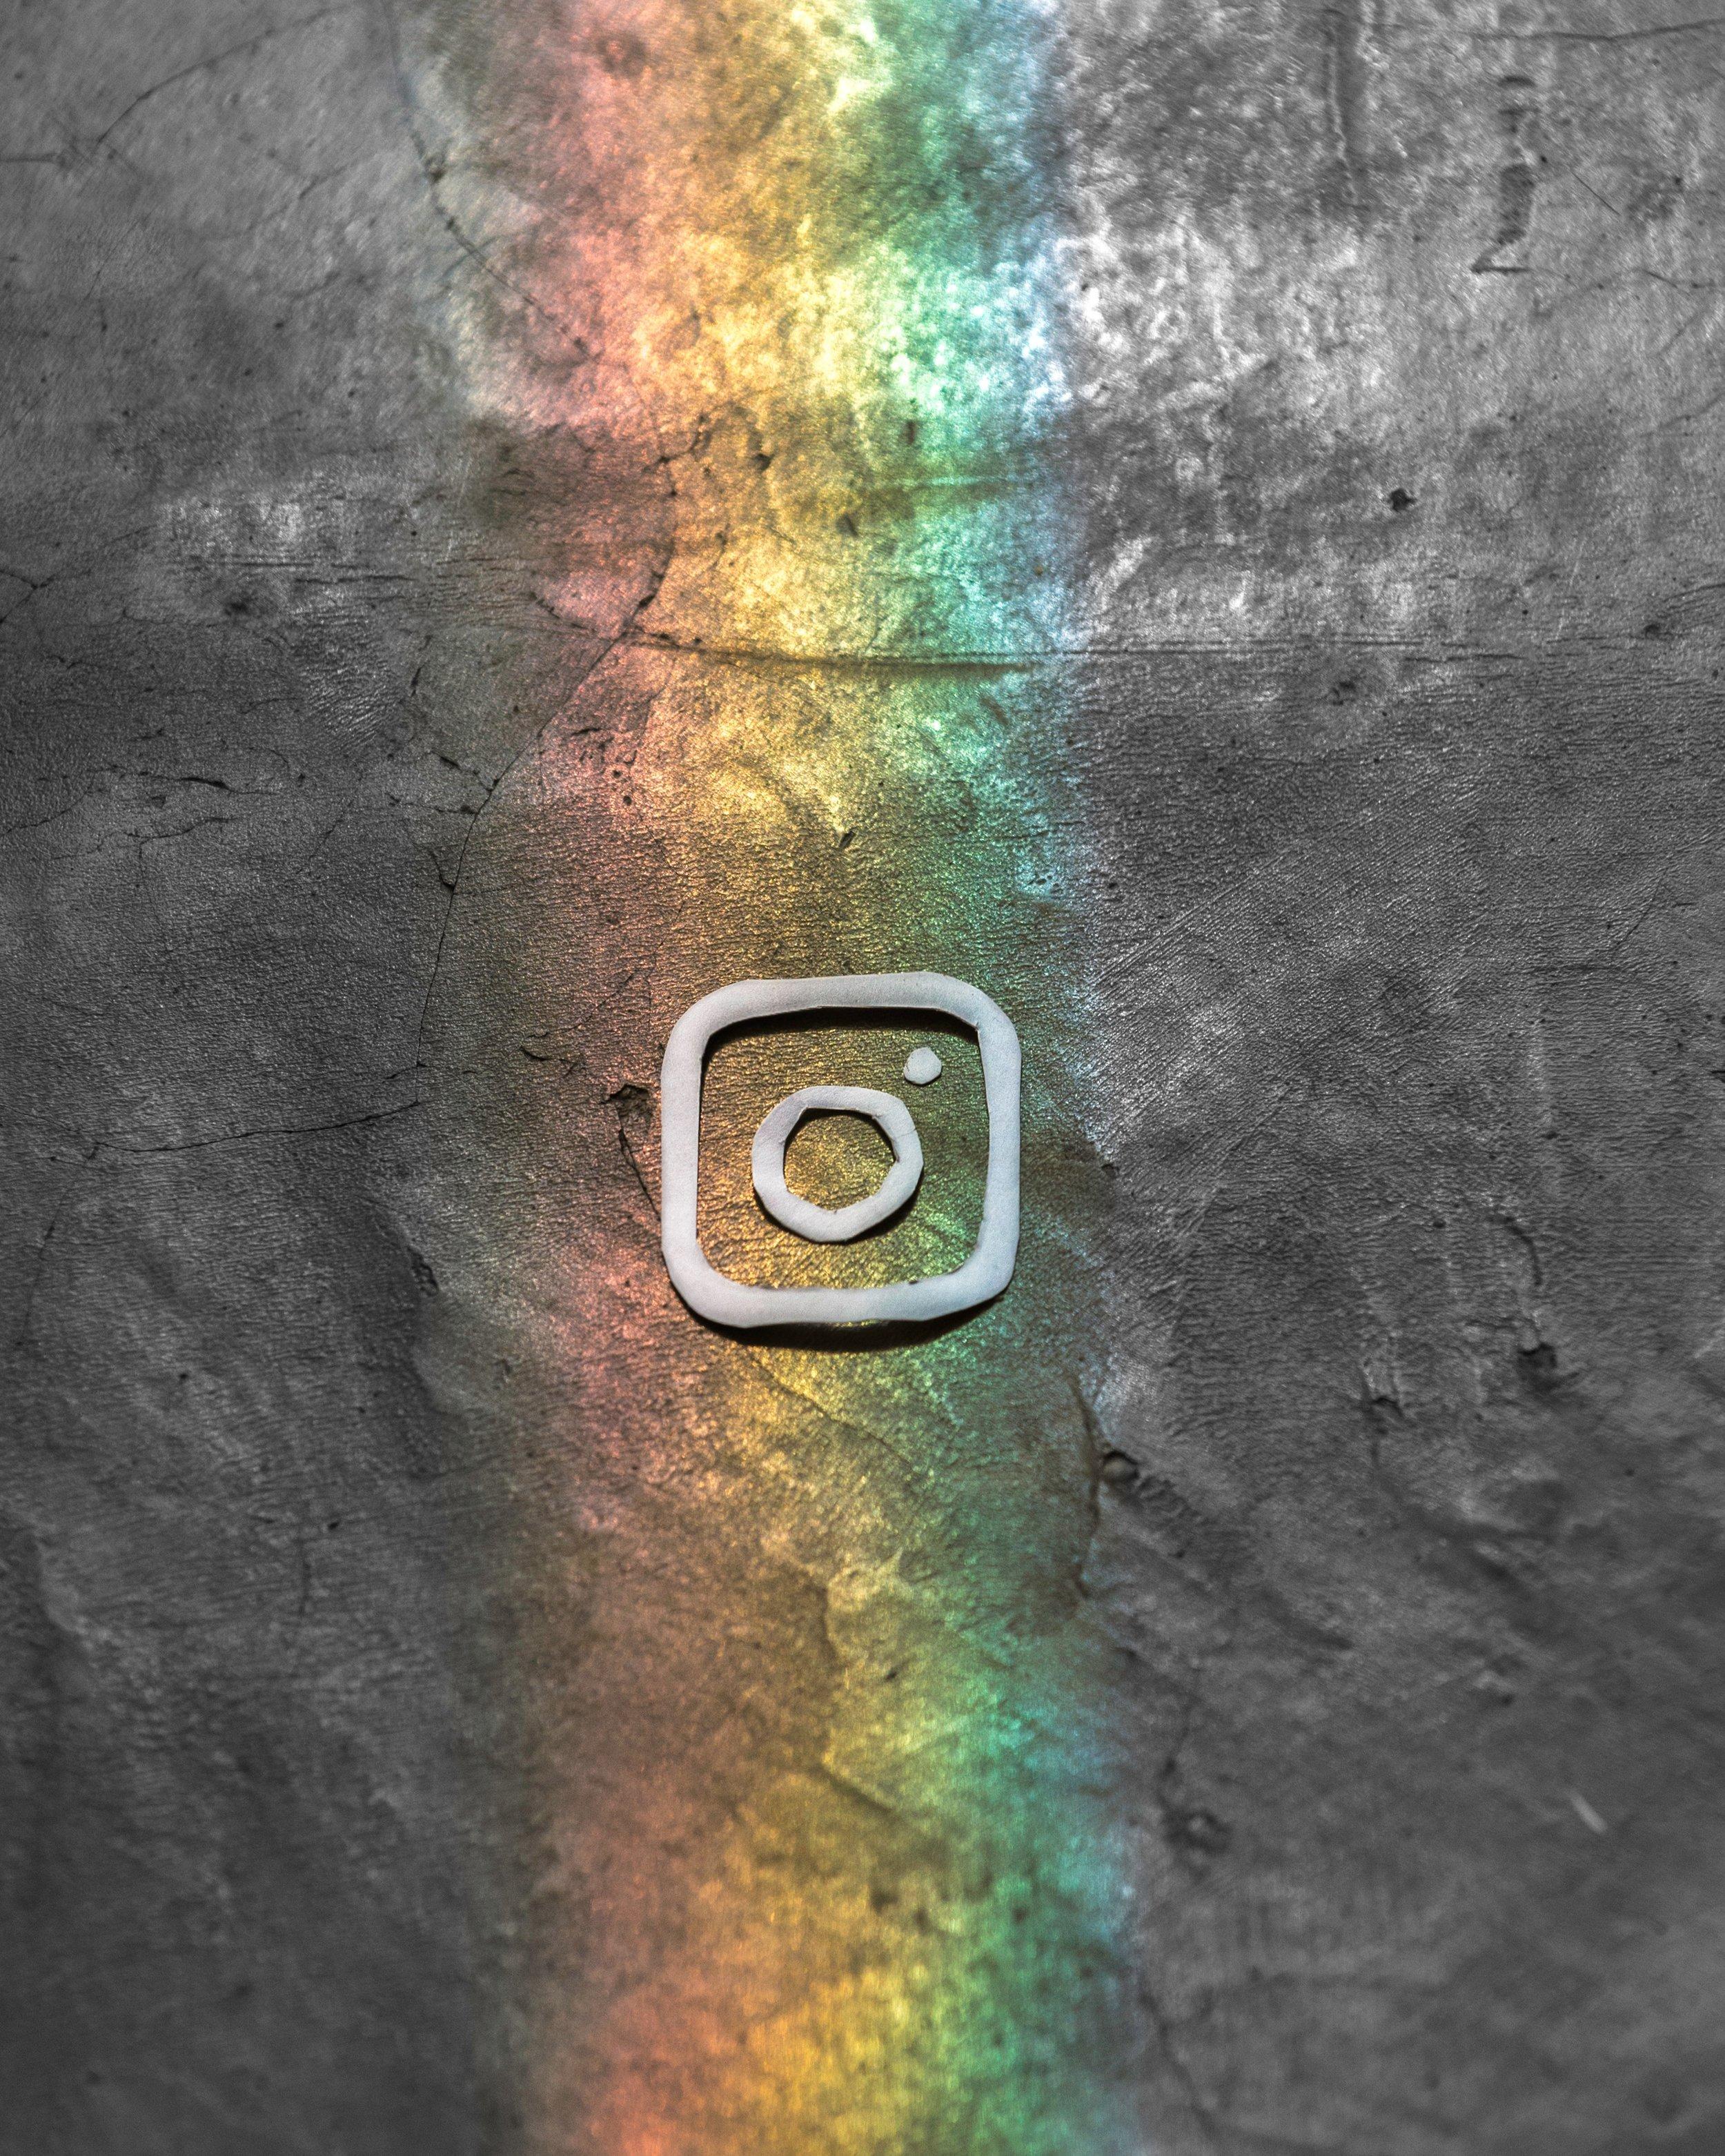 Instagram er et af de mest anvendte app til billede redigering, som bruger af mere en 1 mia. mennesker